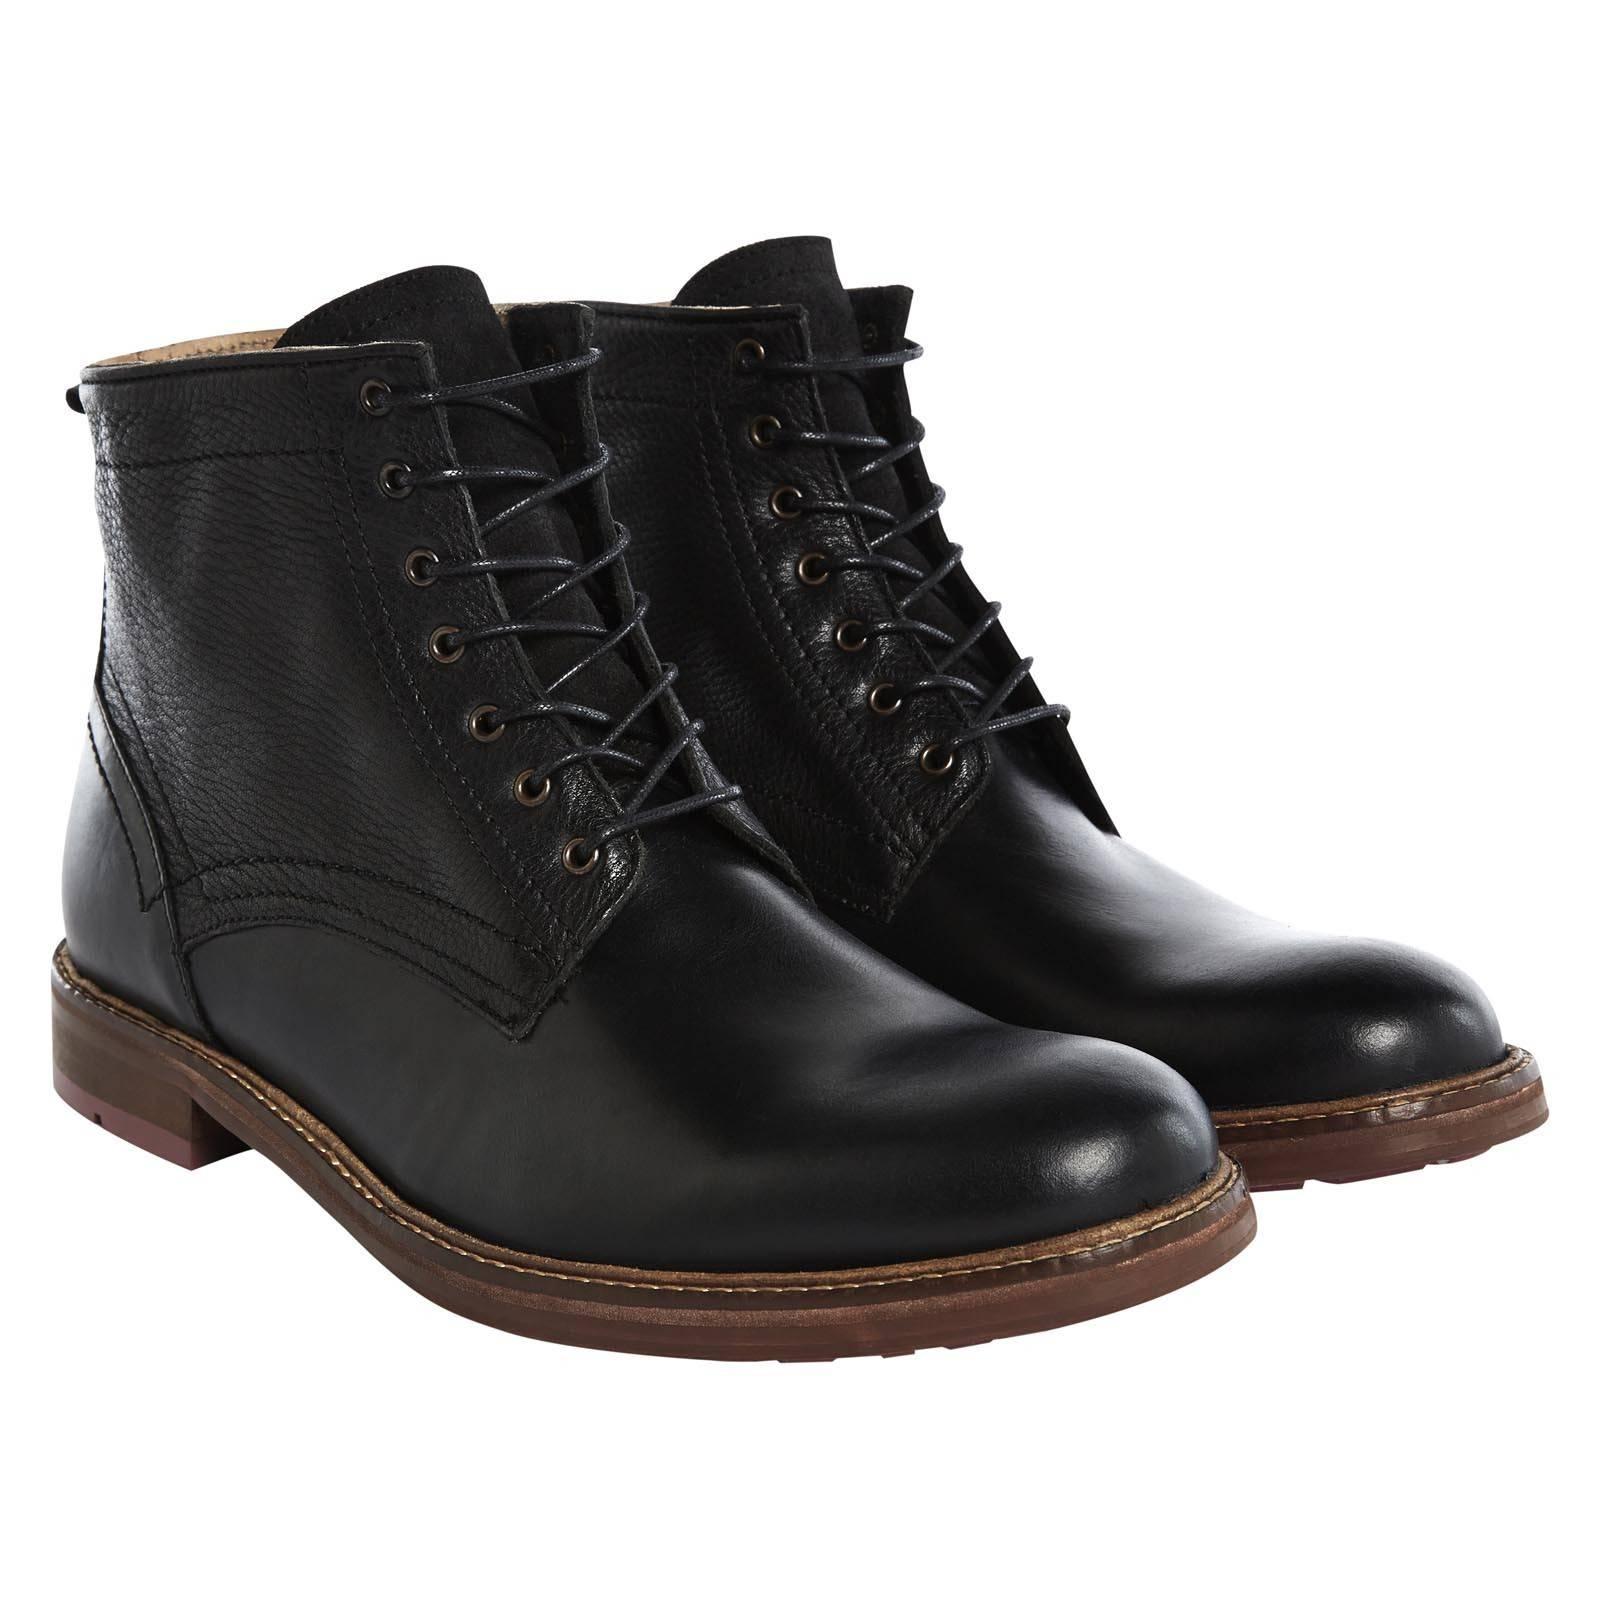 Ботинки ChanceryОбувь<br>Универсальные мужские ботинки на шнурках высотой до лодыжки с усиленной дополнительным резиновым слоем антискользящей подошвой. Сочетание гладкой кожи на носке и текстурного тиснения в берцах вносят разнообразие в дизайн, создавай стильный осенний образ гардероба в формате casual. Идеально сочетаются с джинсами, клетчатй рубашкой «тартан» или «gingham» ,  а также бушлатом, фиштейл паркой или дафлкотом.<br><br>Артикул: 914203<br>Материал: 100% кожа<br>Цвет: черный<br>Пол: Мужской